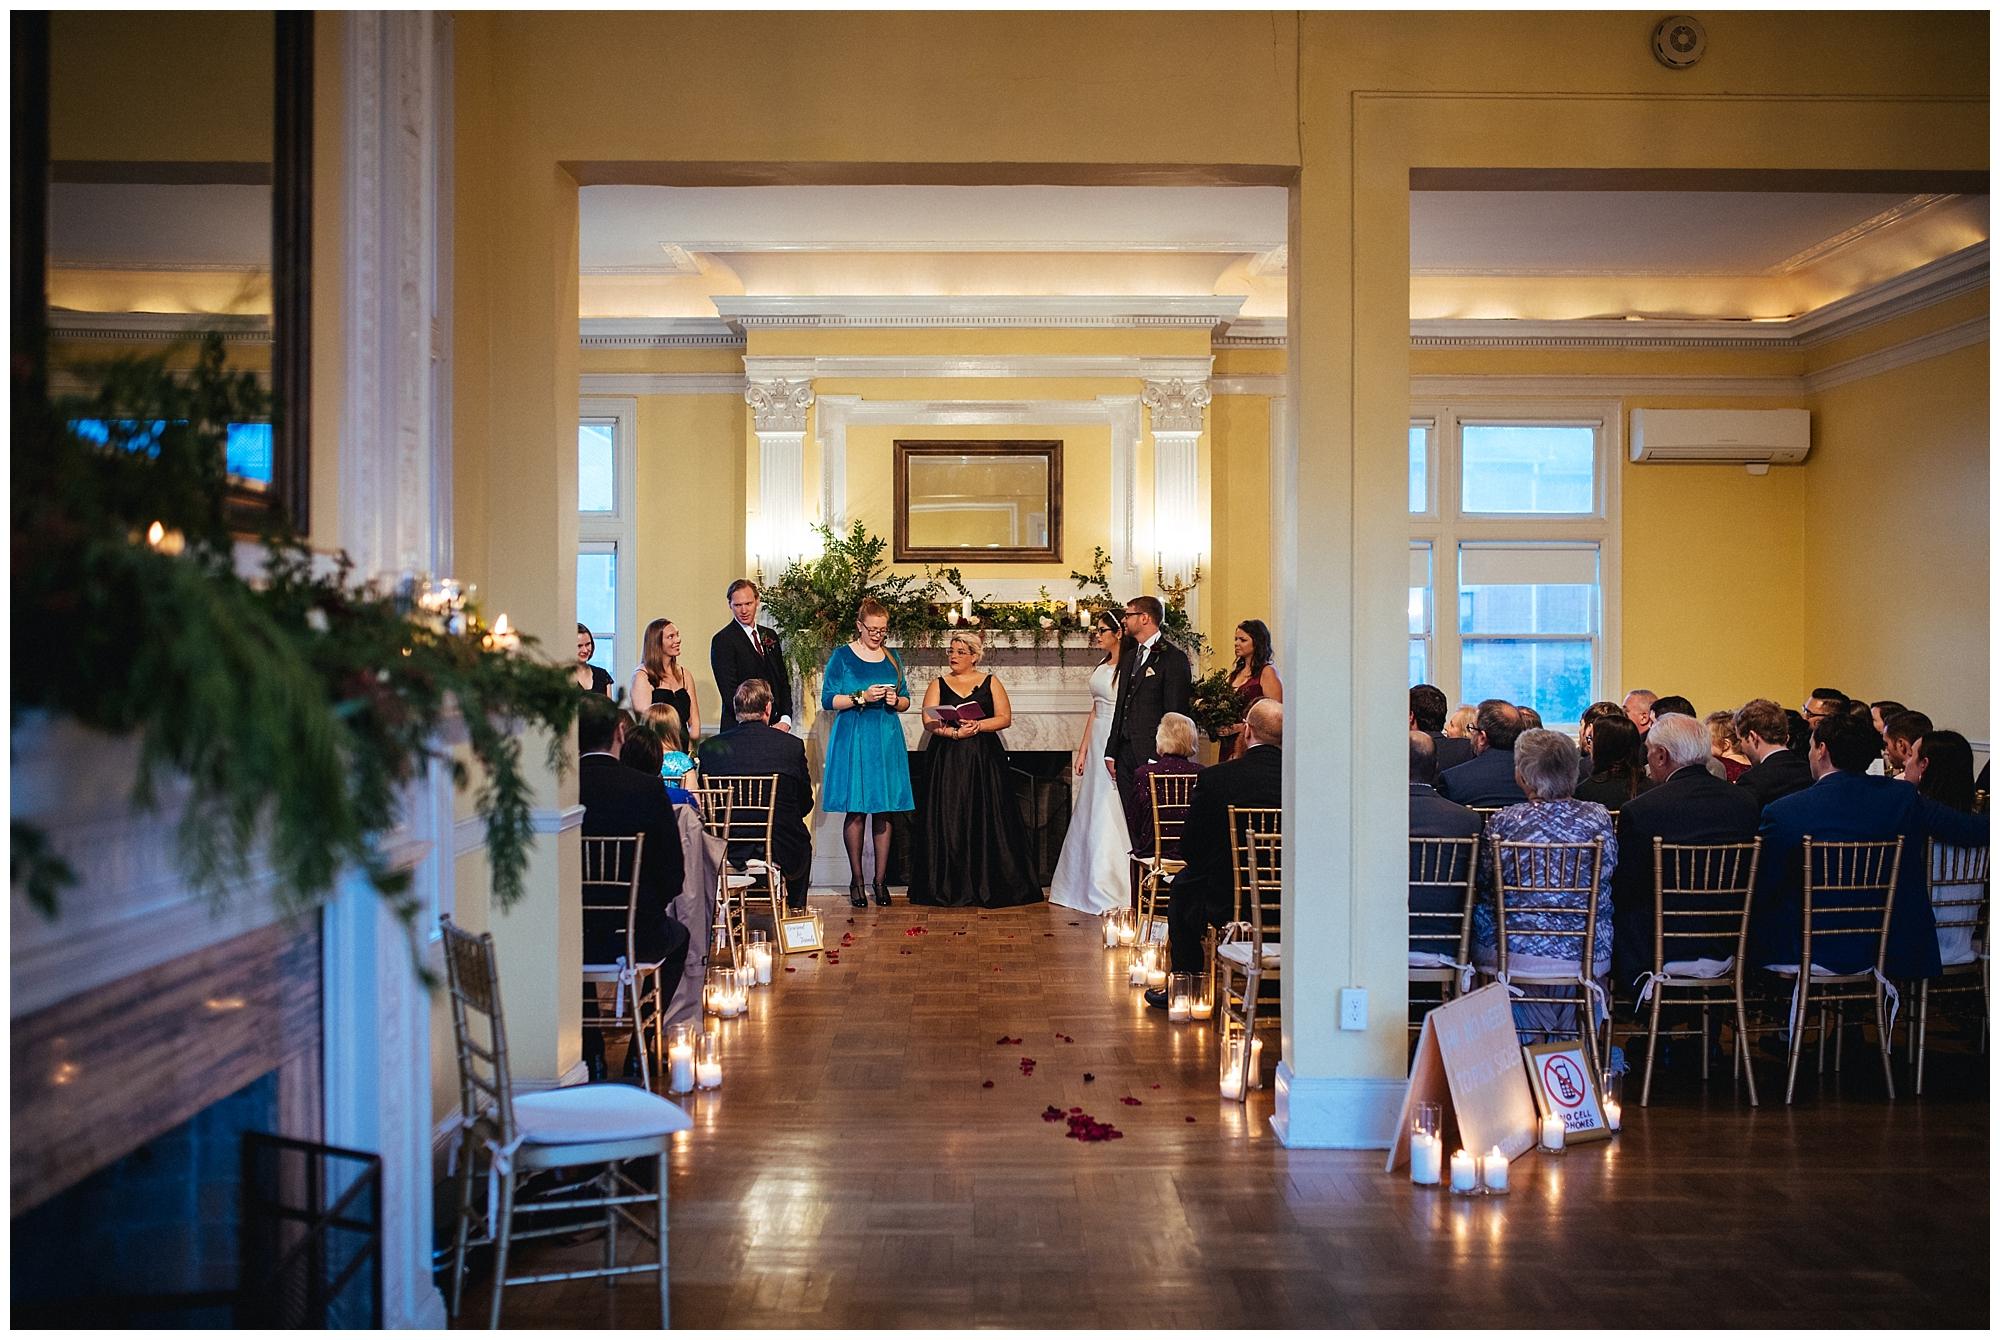 josephine butler wedding dc ceremony